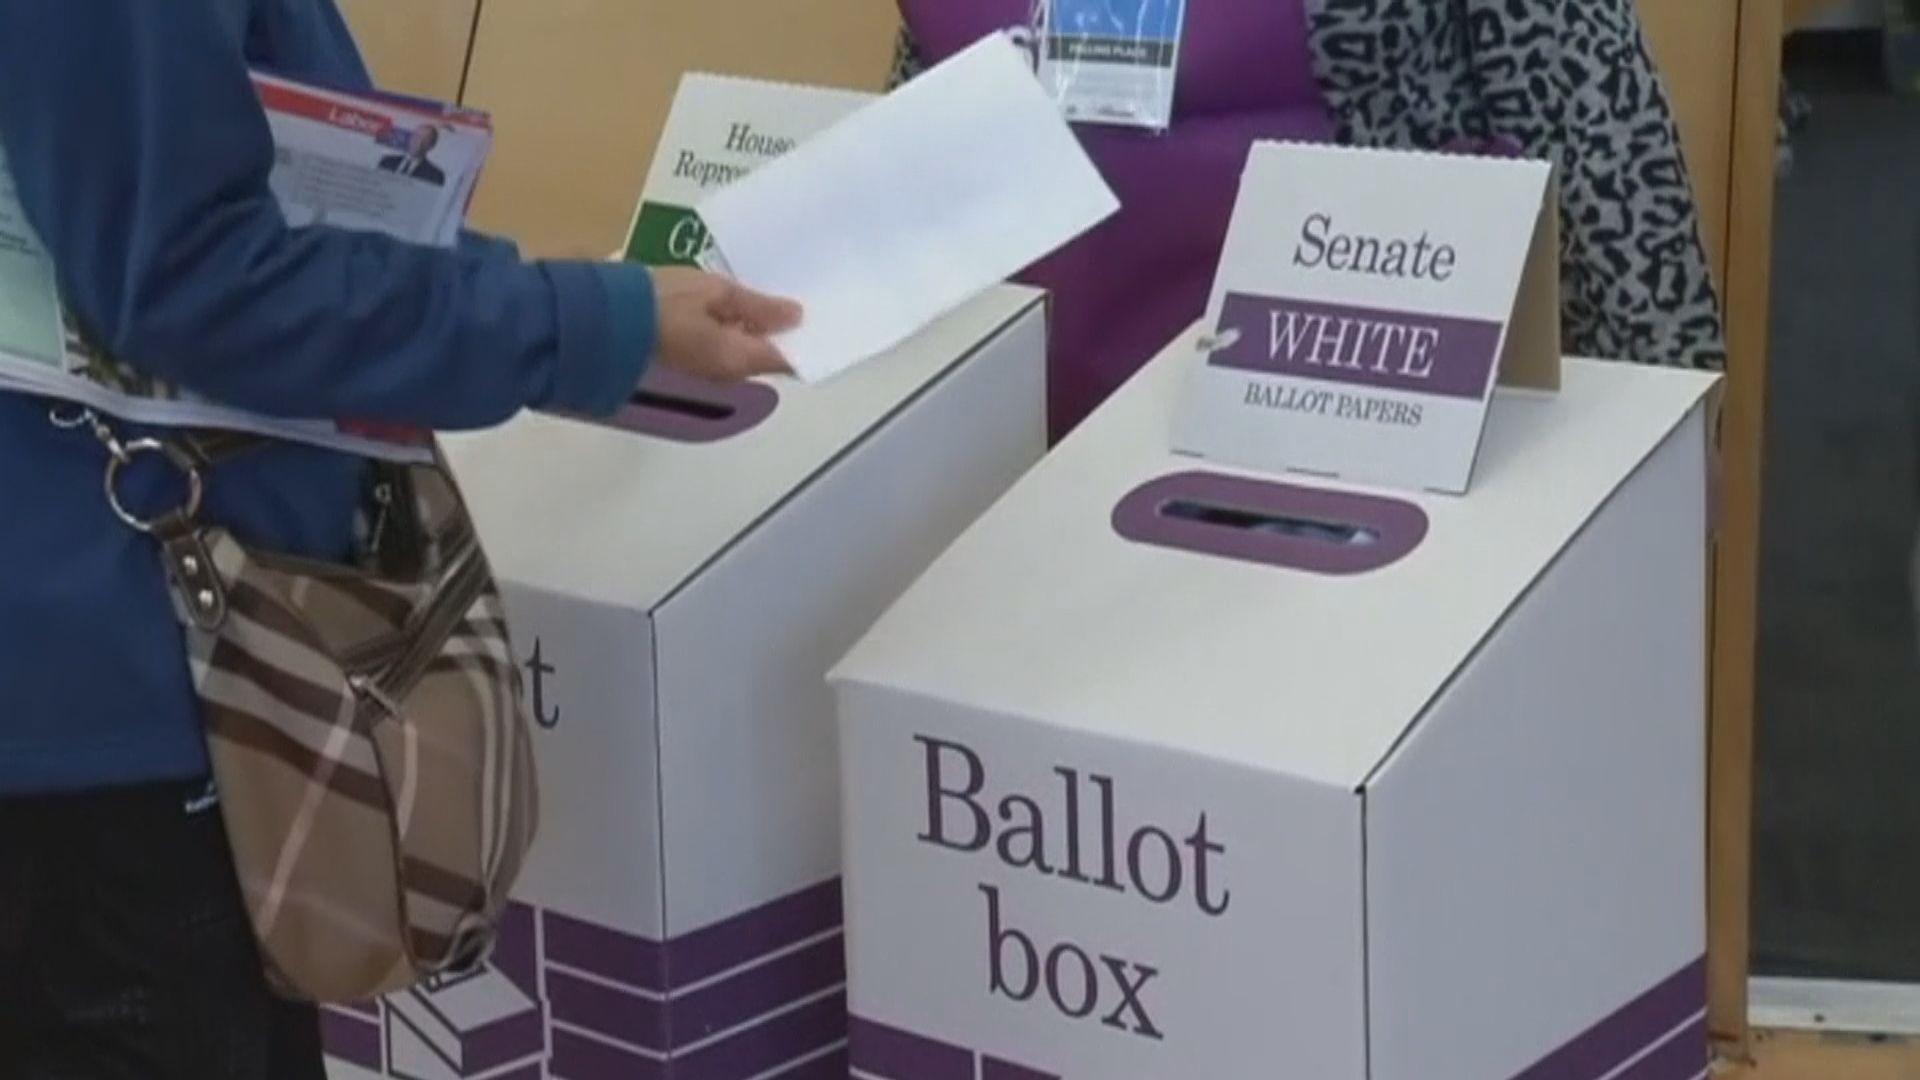 澳洲國會選舉投票料爭持激烈